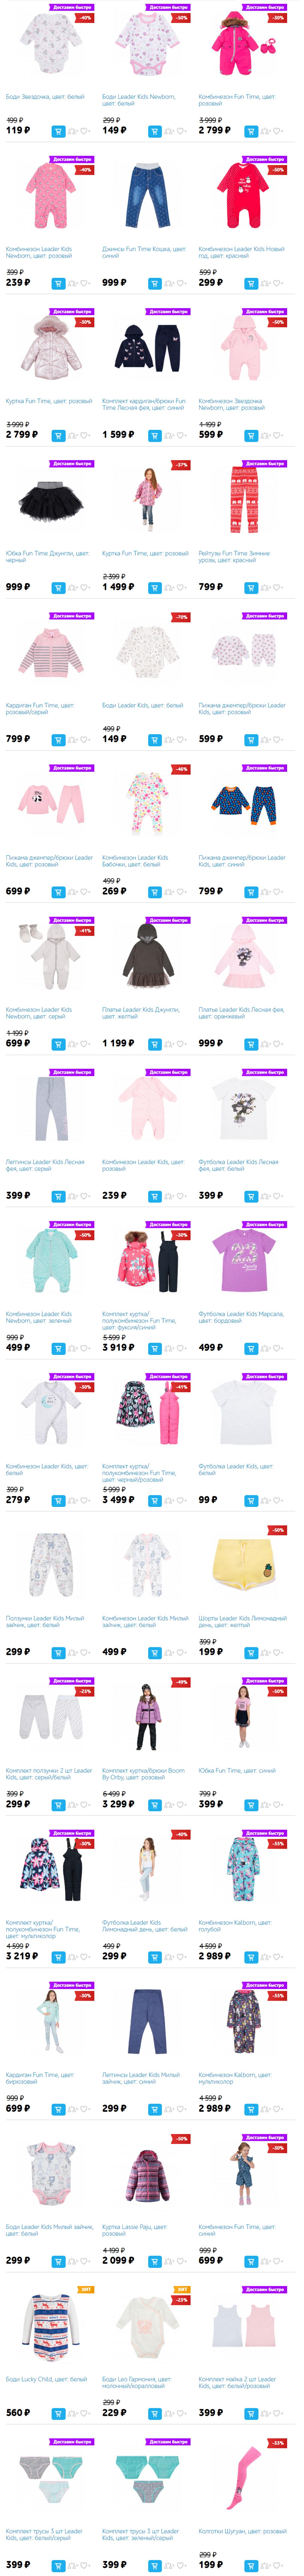 Детская одежда для девочек в каталоге Дочки-Сыночки Орехово-Зуево